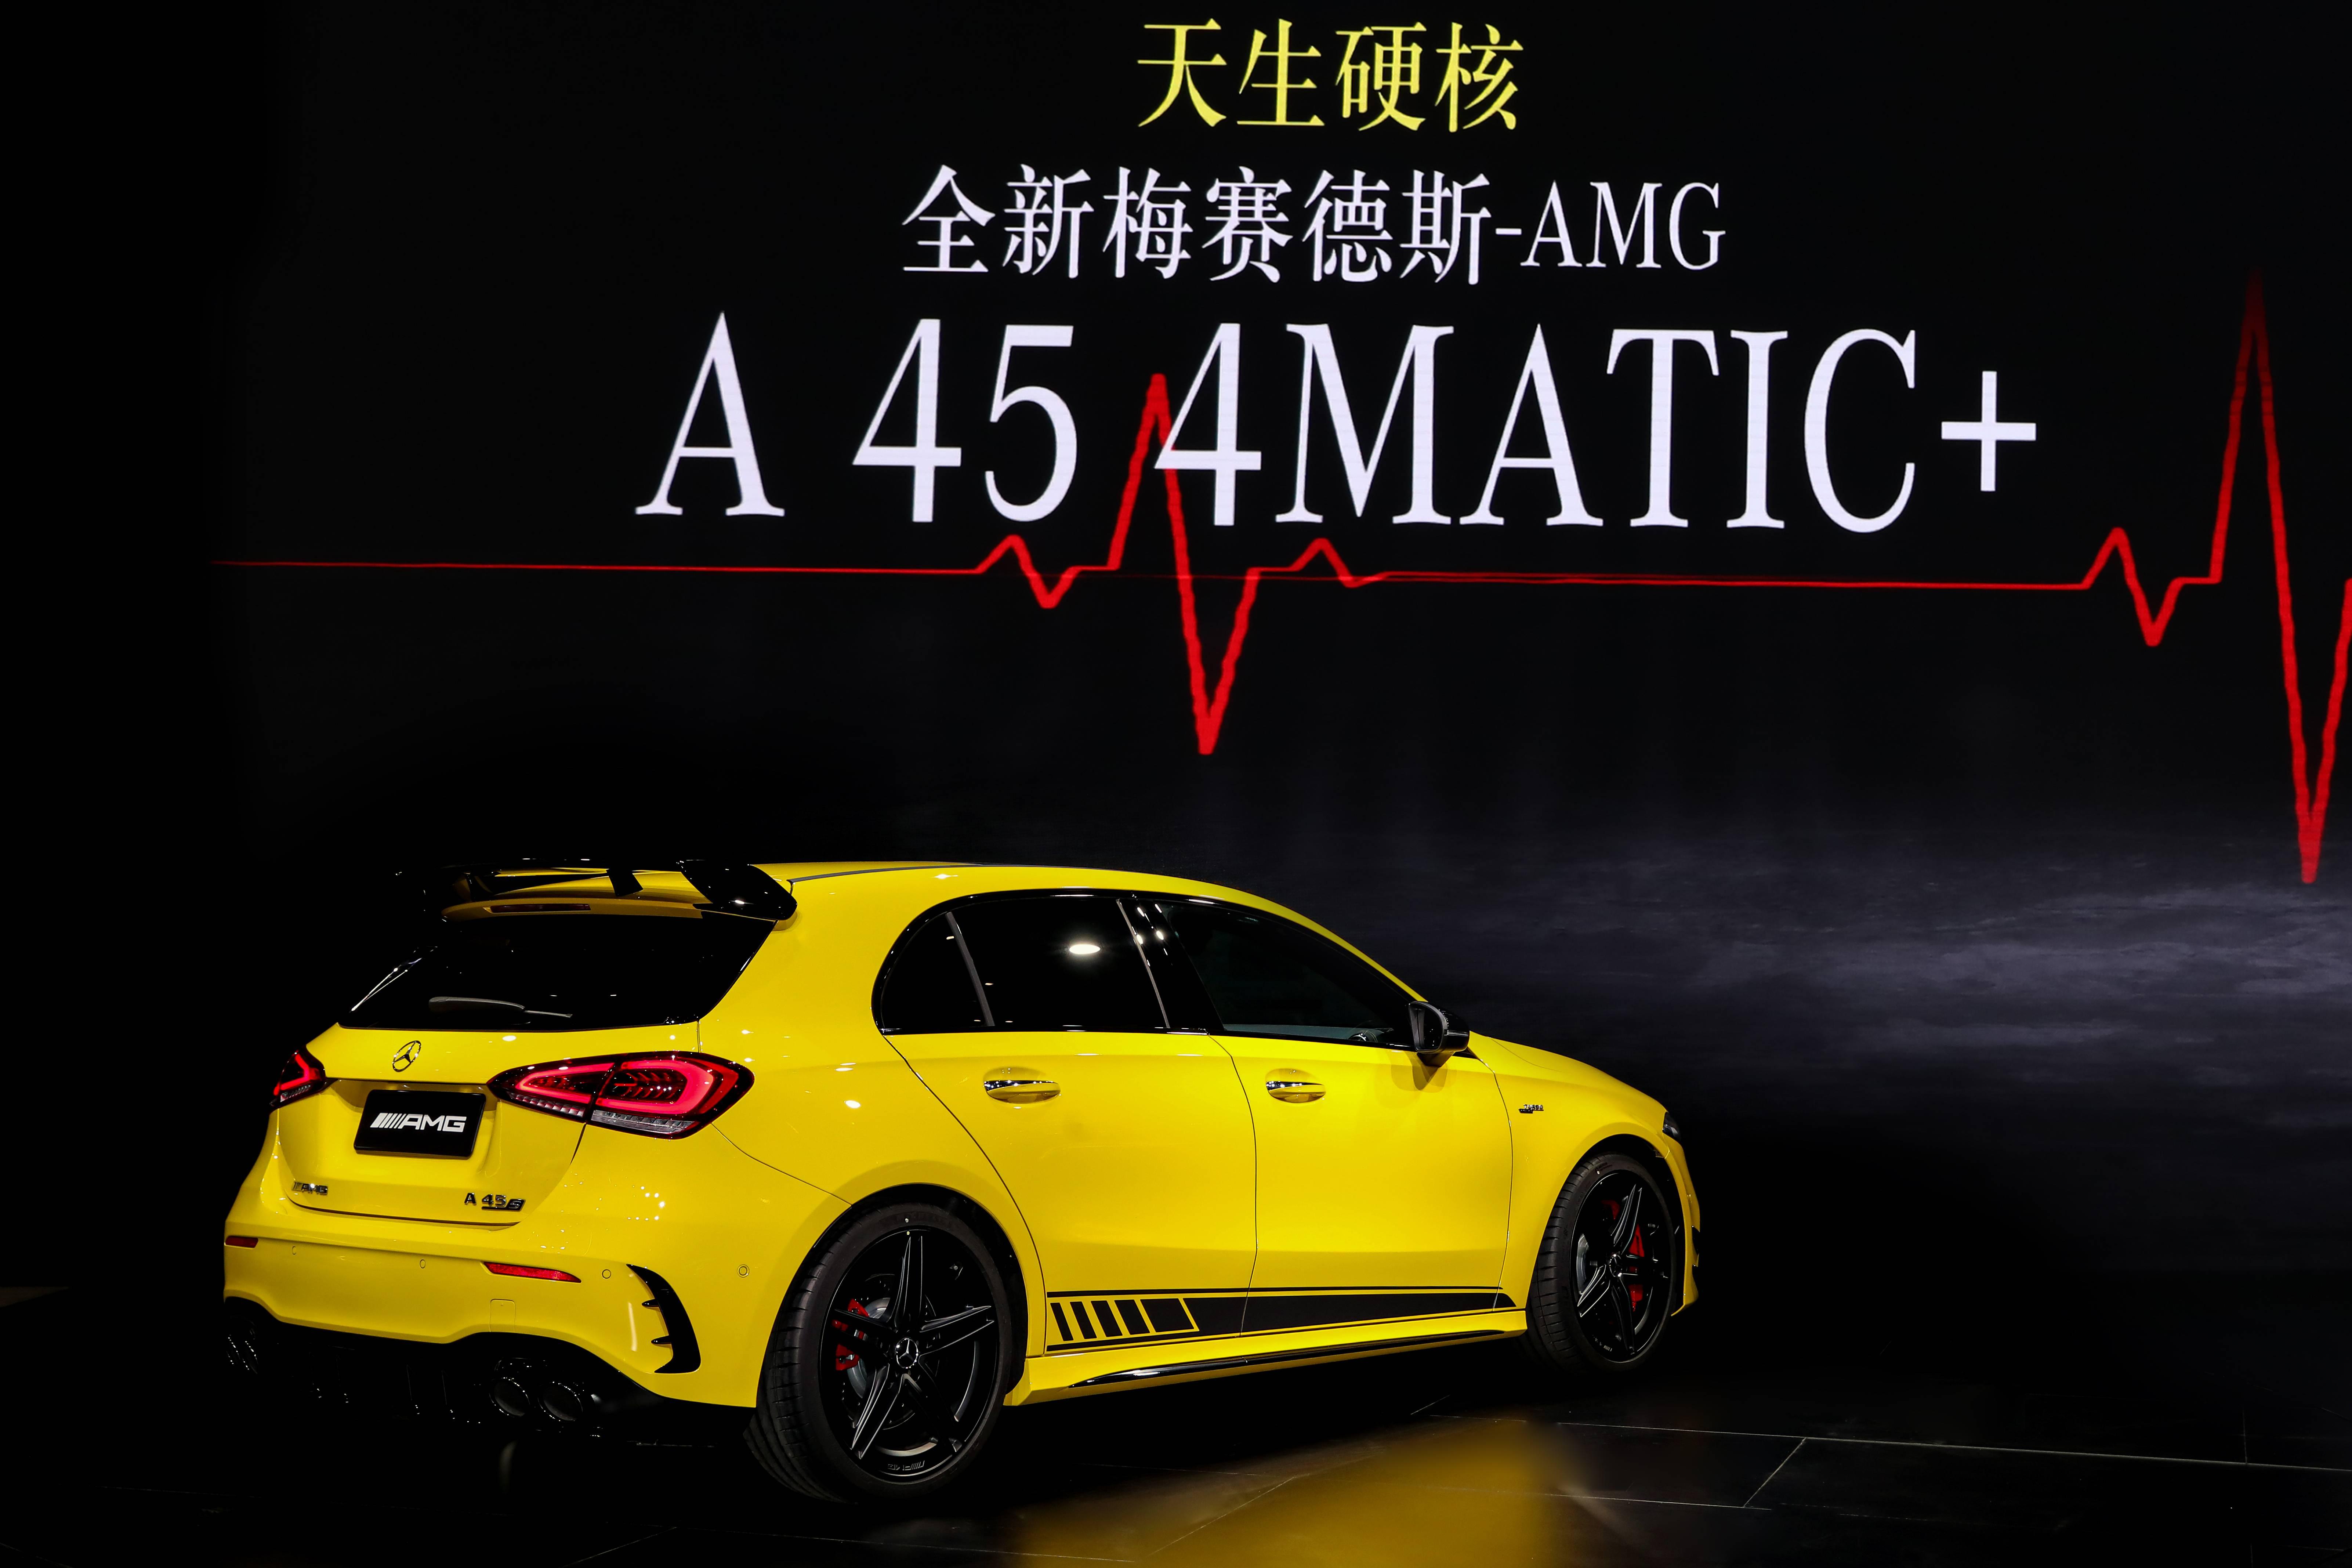 崭新AMG A45